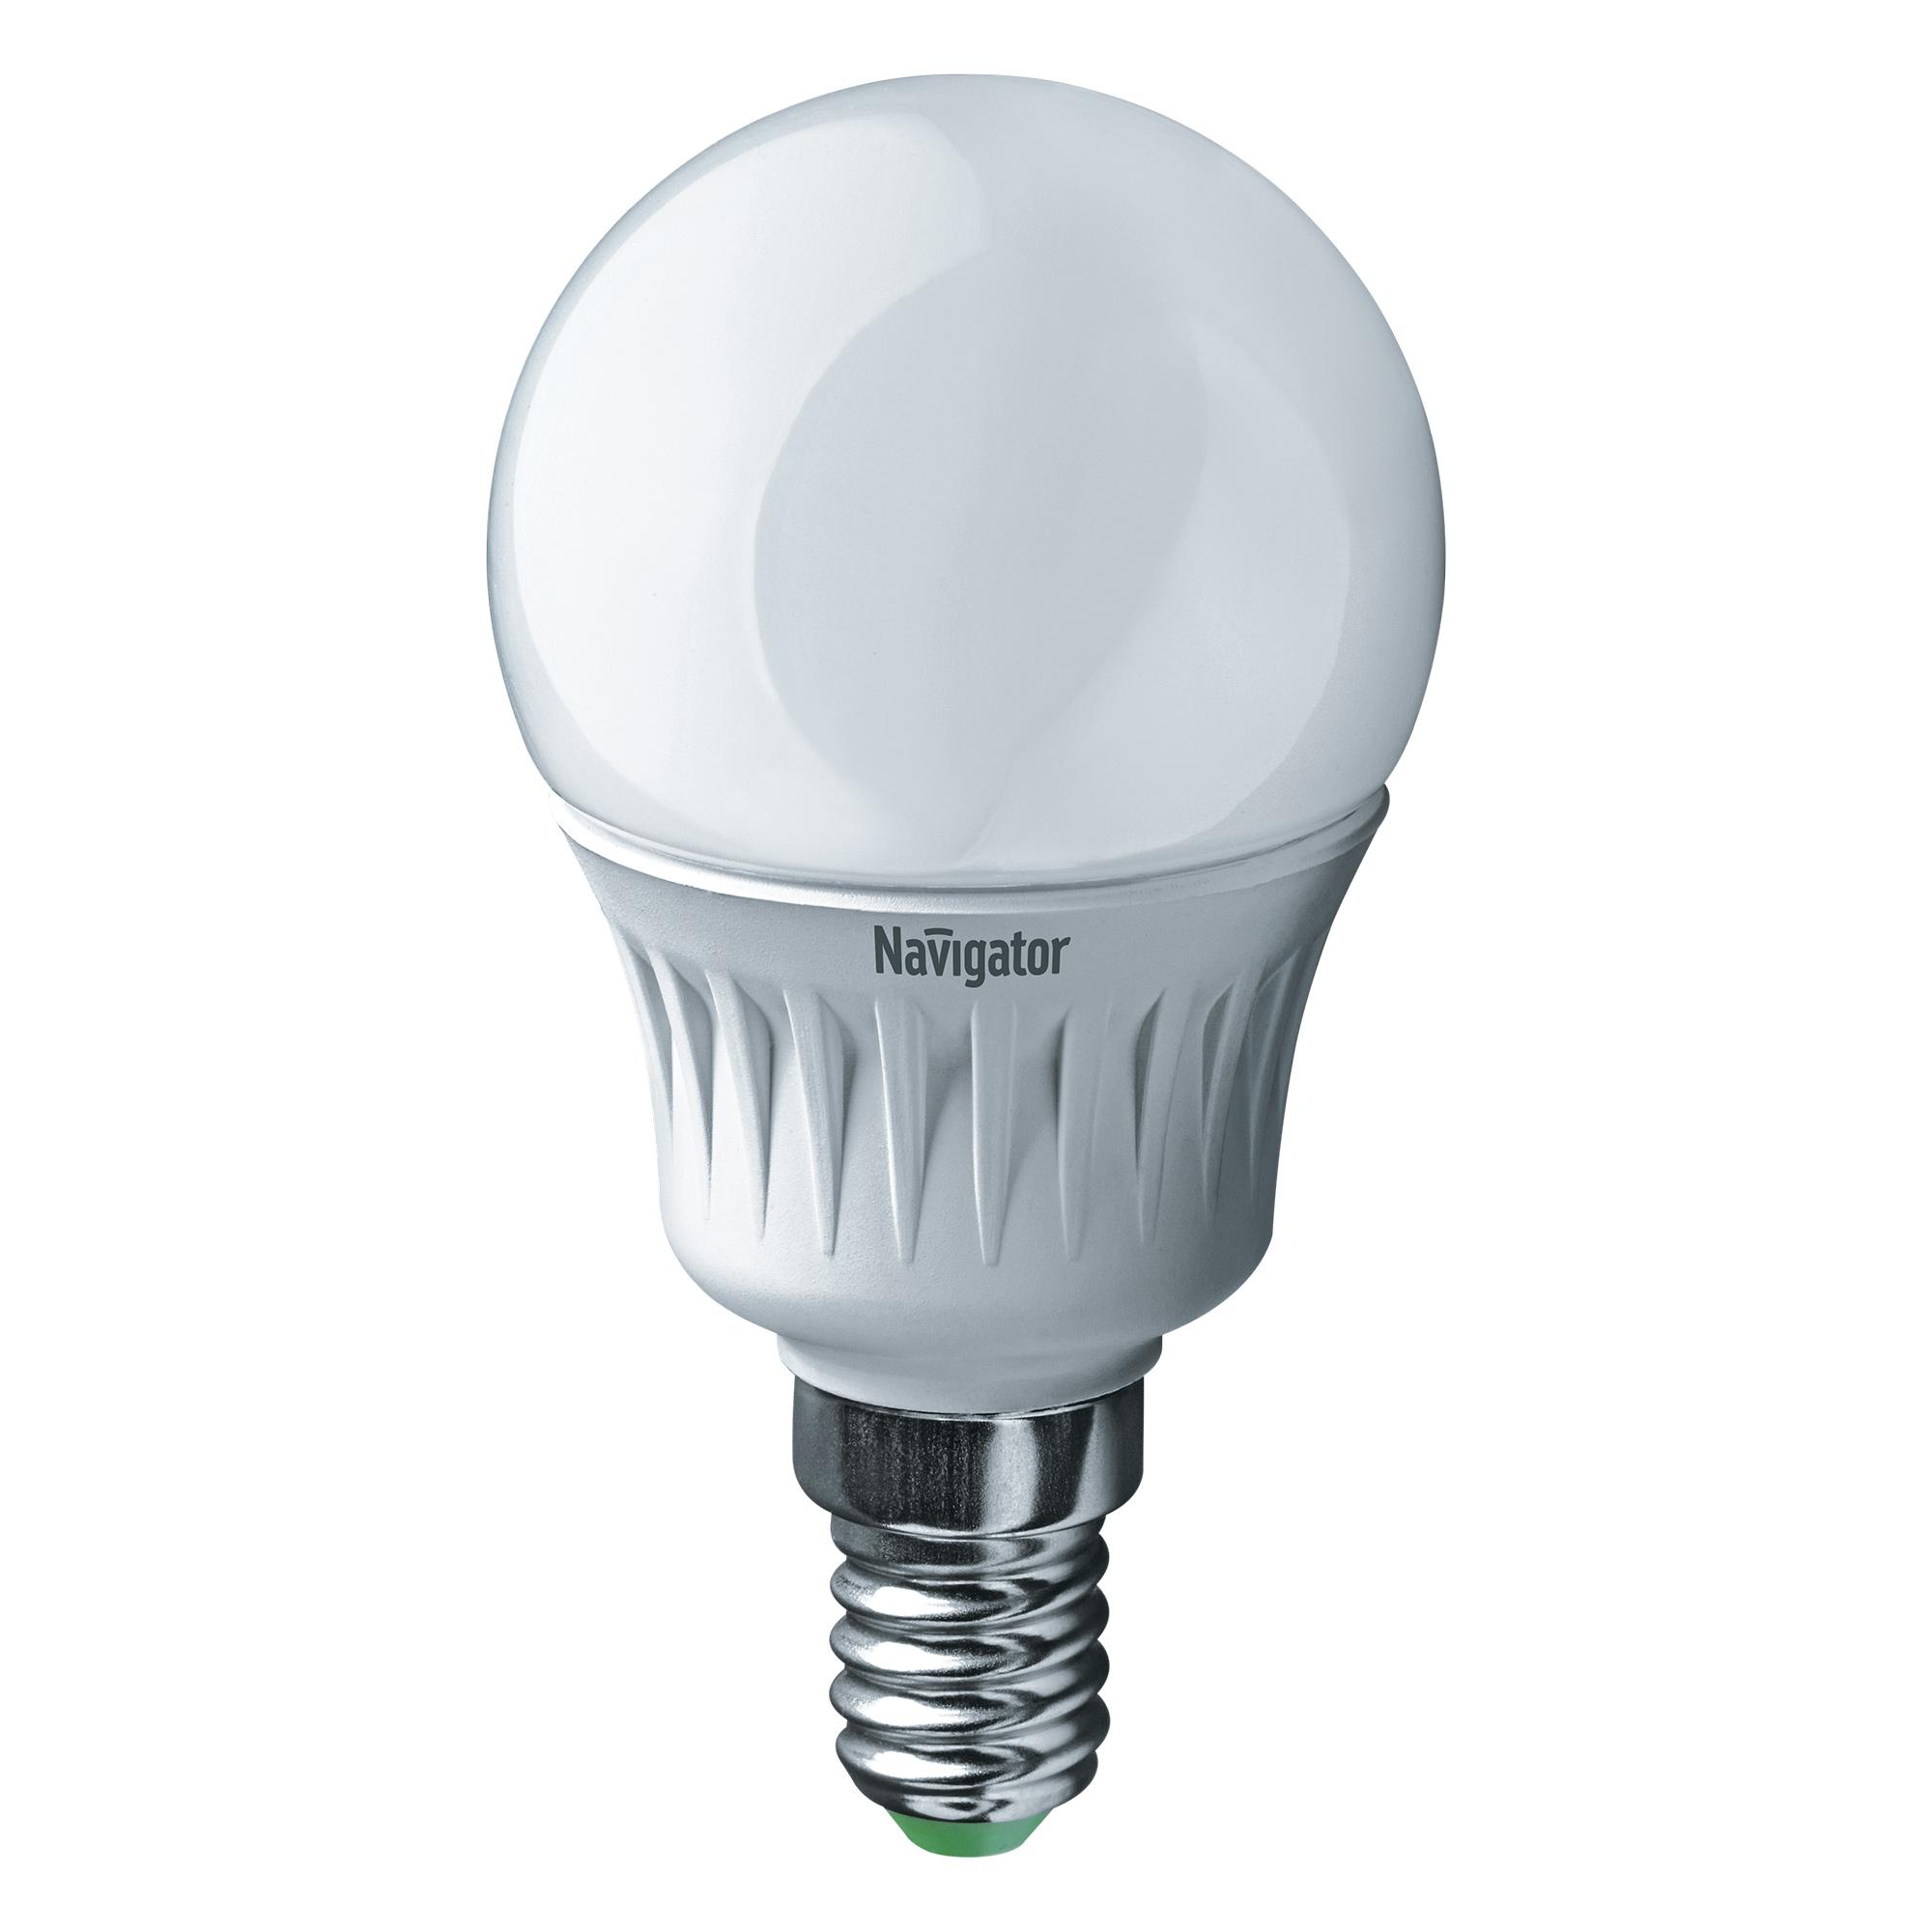 Фото - Лампа светодиодная Navigator матовая 5Вт цоколь E14 (холодный свет) лампа люминесцентная navigator t5 6вт цоколь g5 холодный свет